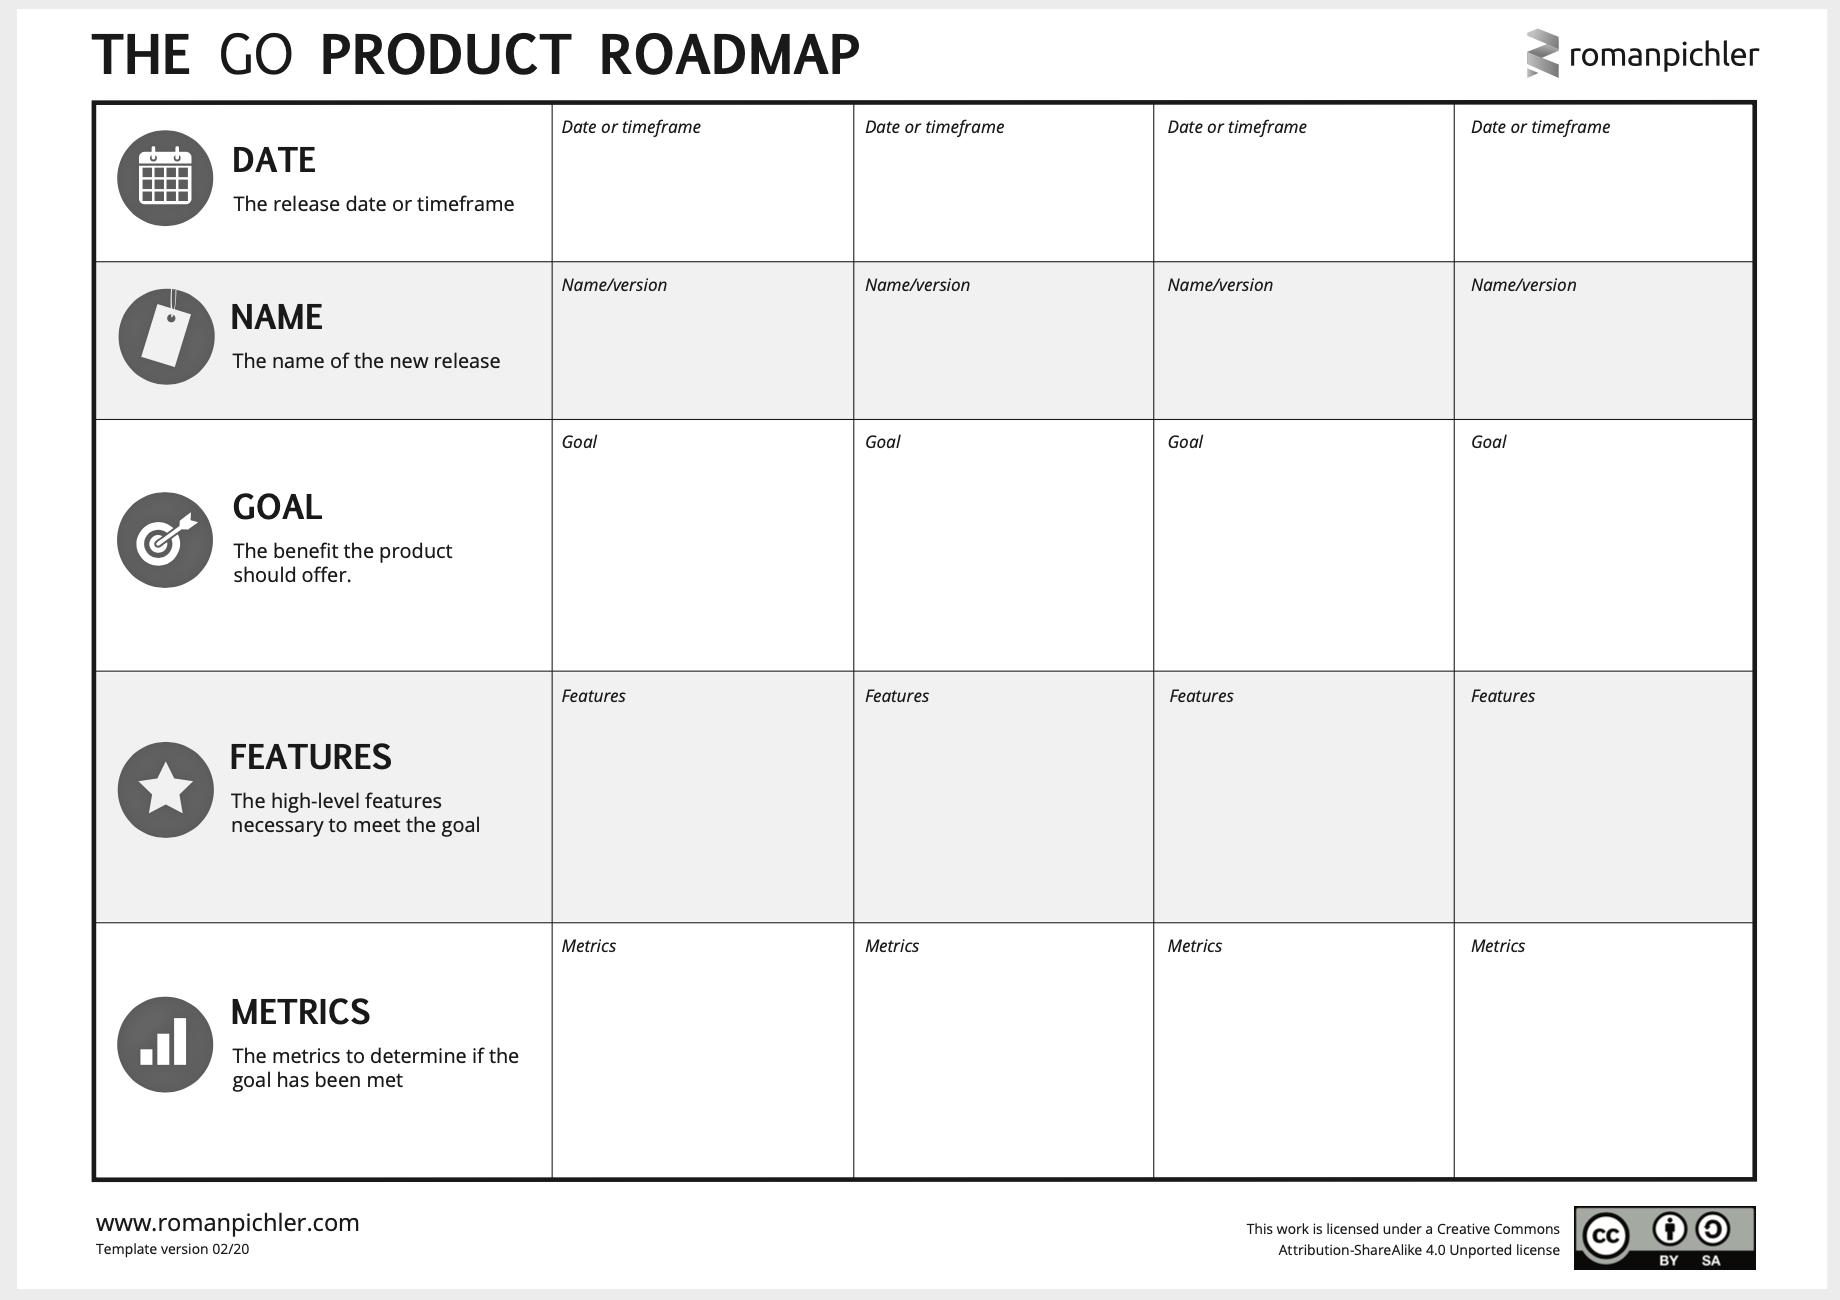 """Die """"GO Product Roadmap"""" von Roman Pichler erfordert - ähnlich OKRs - ein klares Ziel und Metriken"""